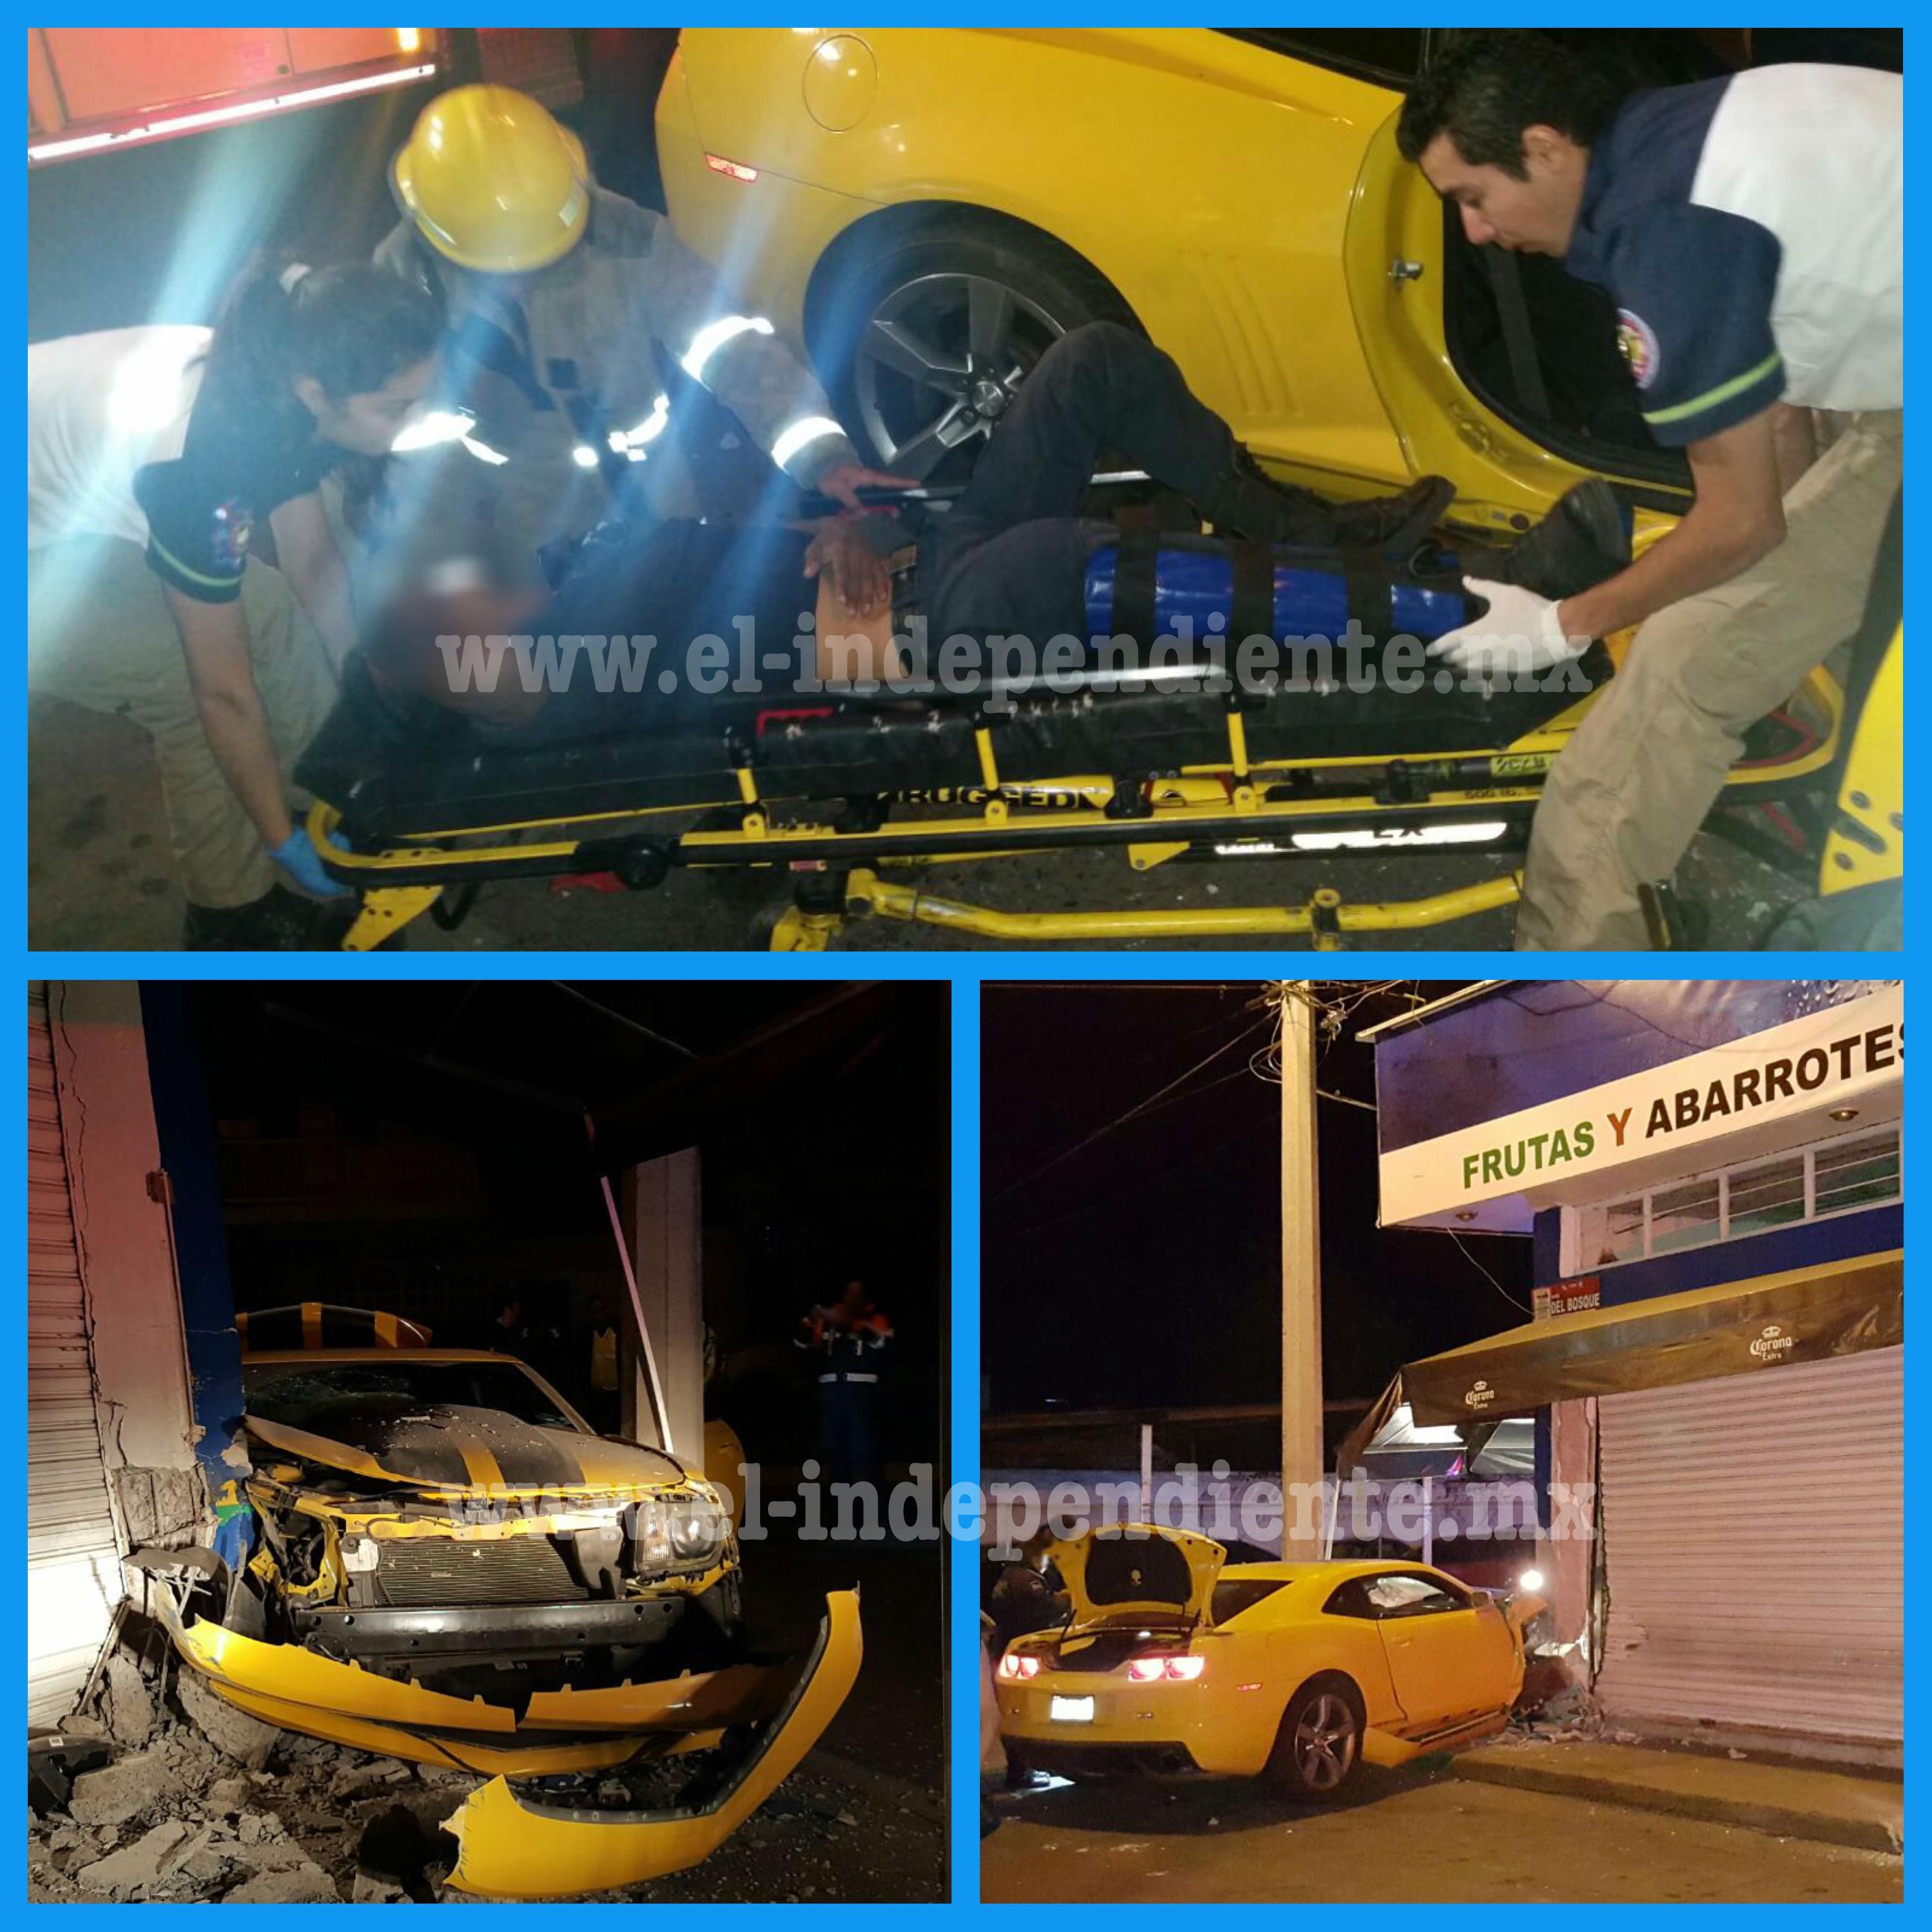 Un lesionado y cuantiosos daños material tras choque de un Camaro en Zamora